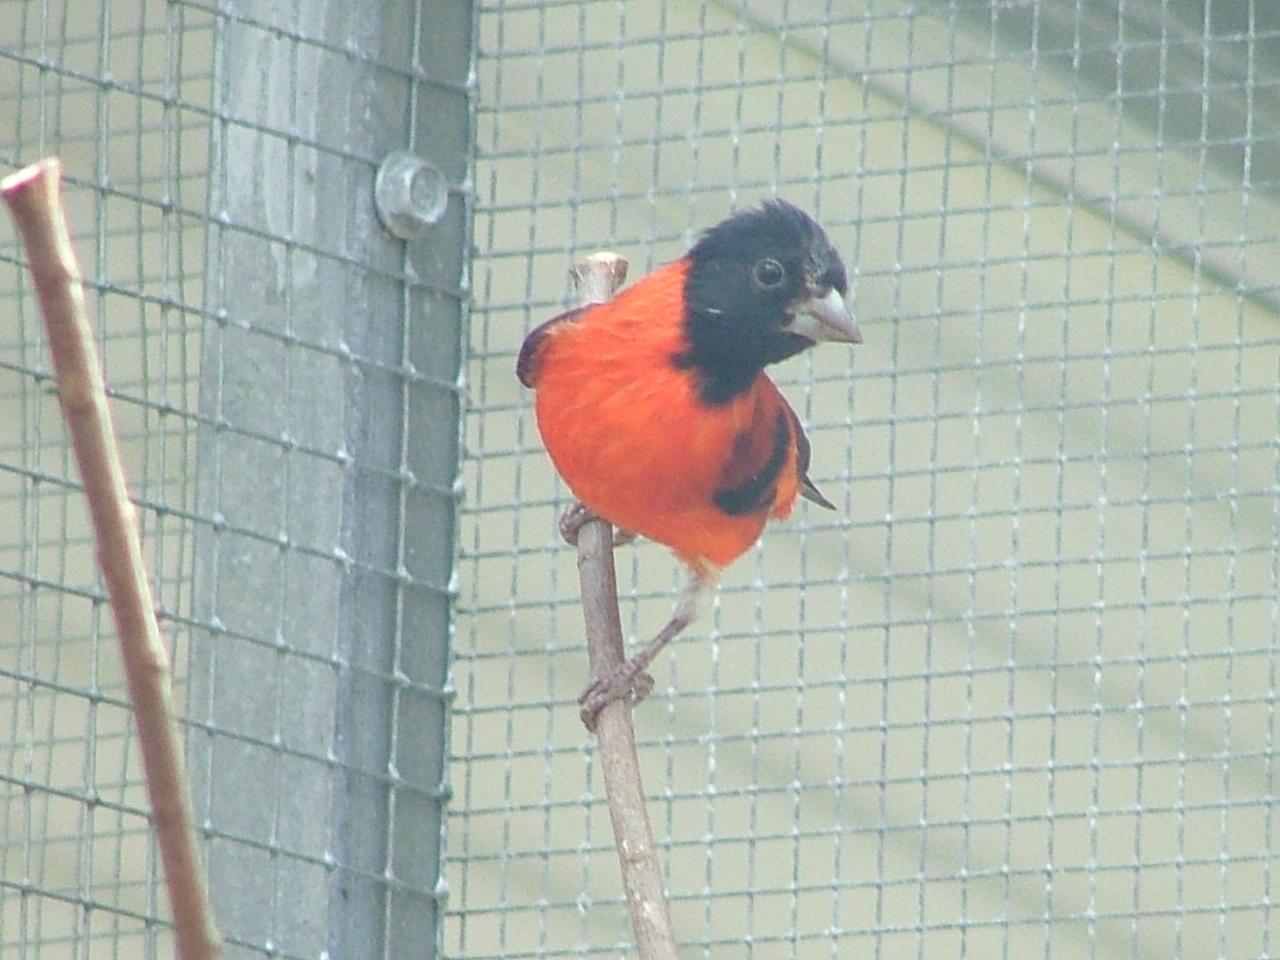 Siskin Merah Burung Langka Dilindungi Diuber Karena Warna Dan Suaranya Om Kicau